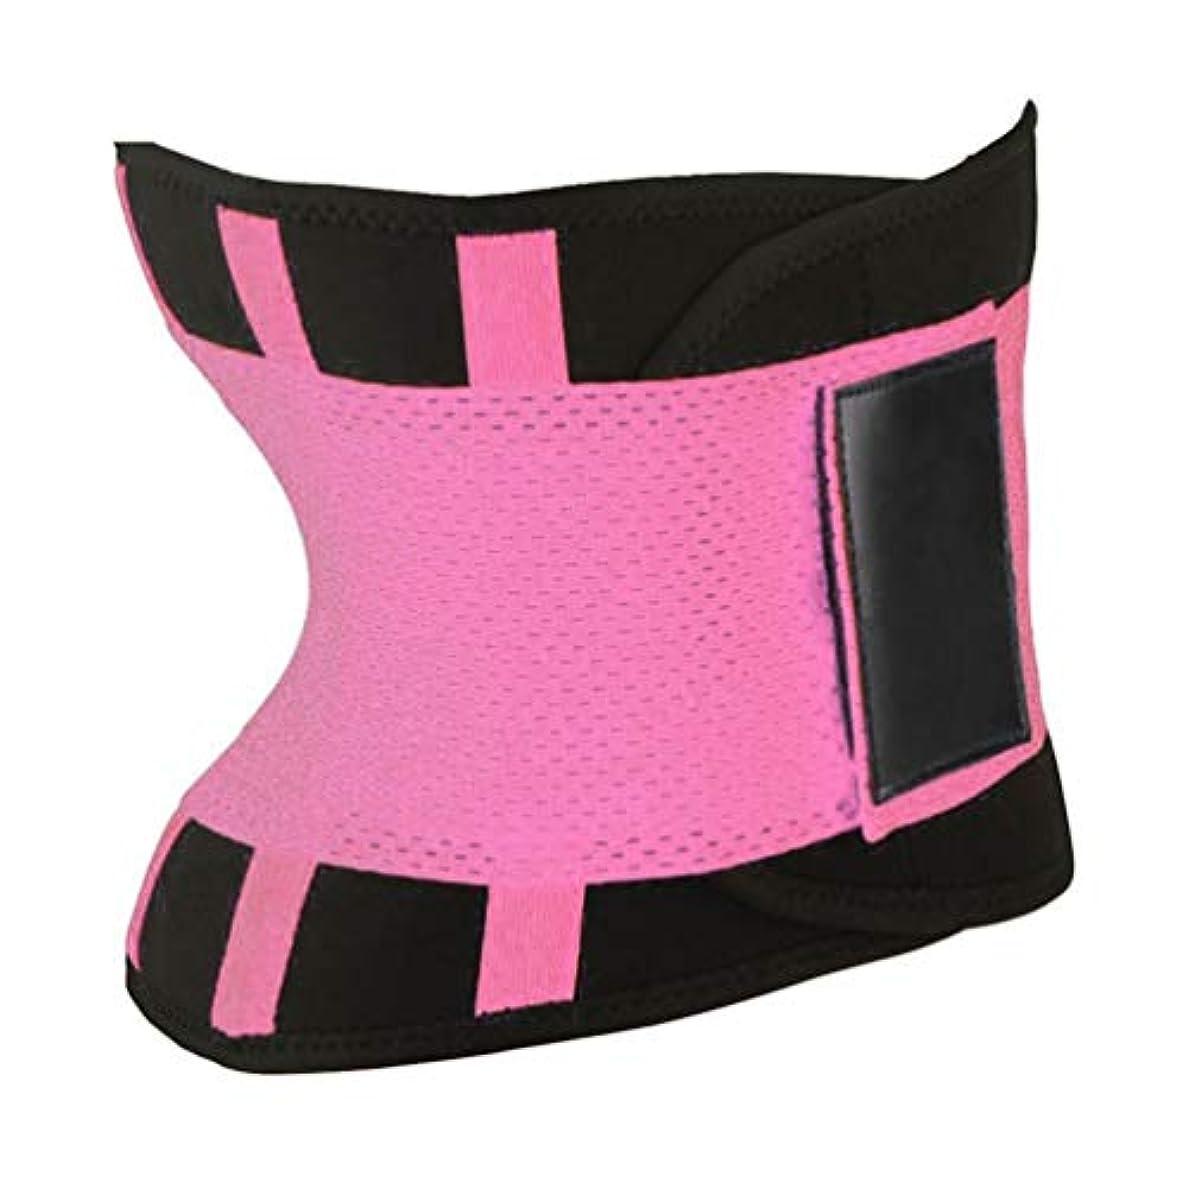 防止レタッチ柔らかい足快適な女性ボディシェイパー痩身シェイパーベルトスポーツレディースウエストトレーナーニッパーコントロールバーニングボディおなかベルト - ピンクL